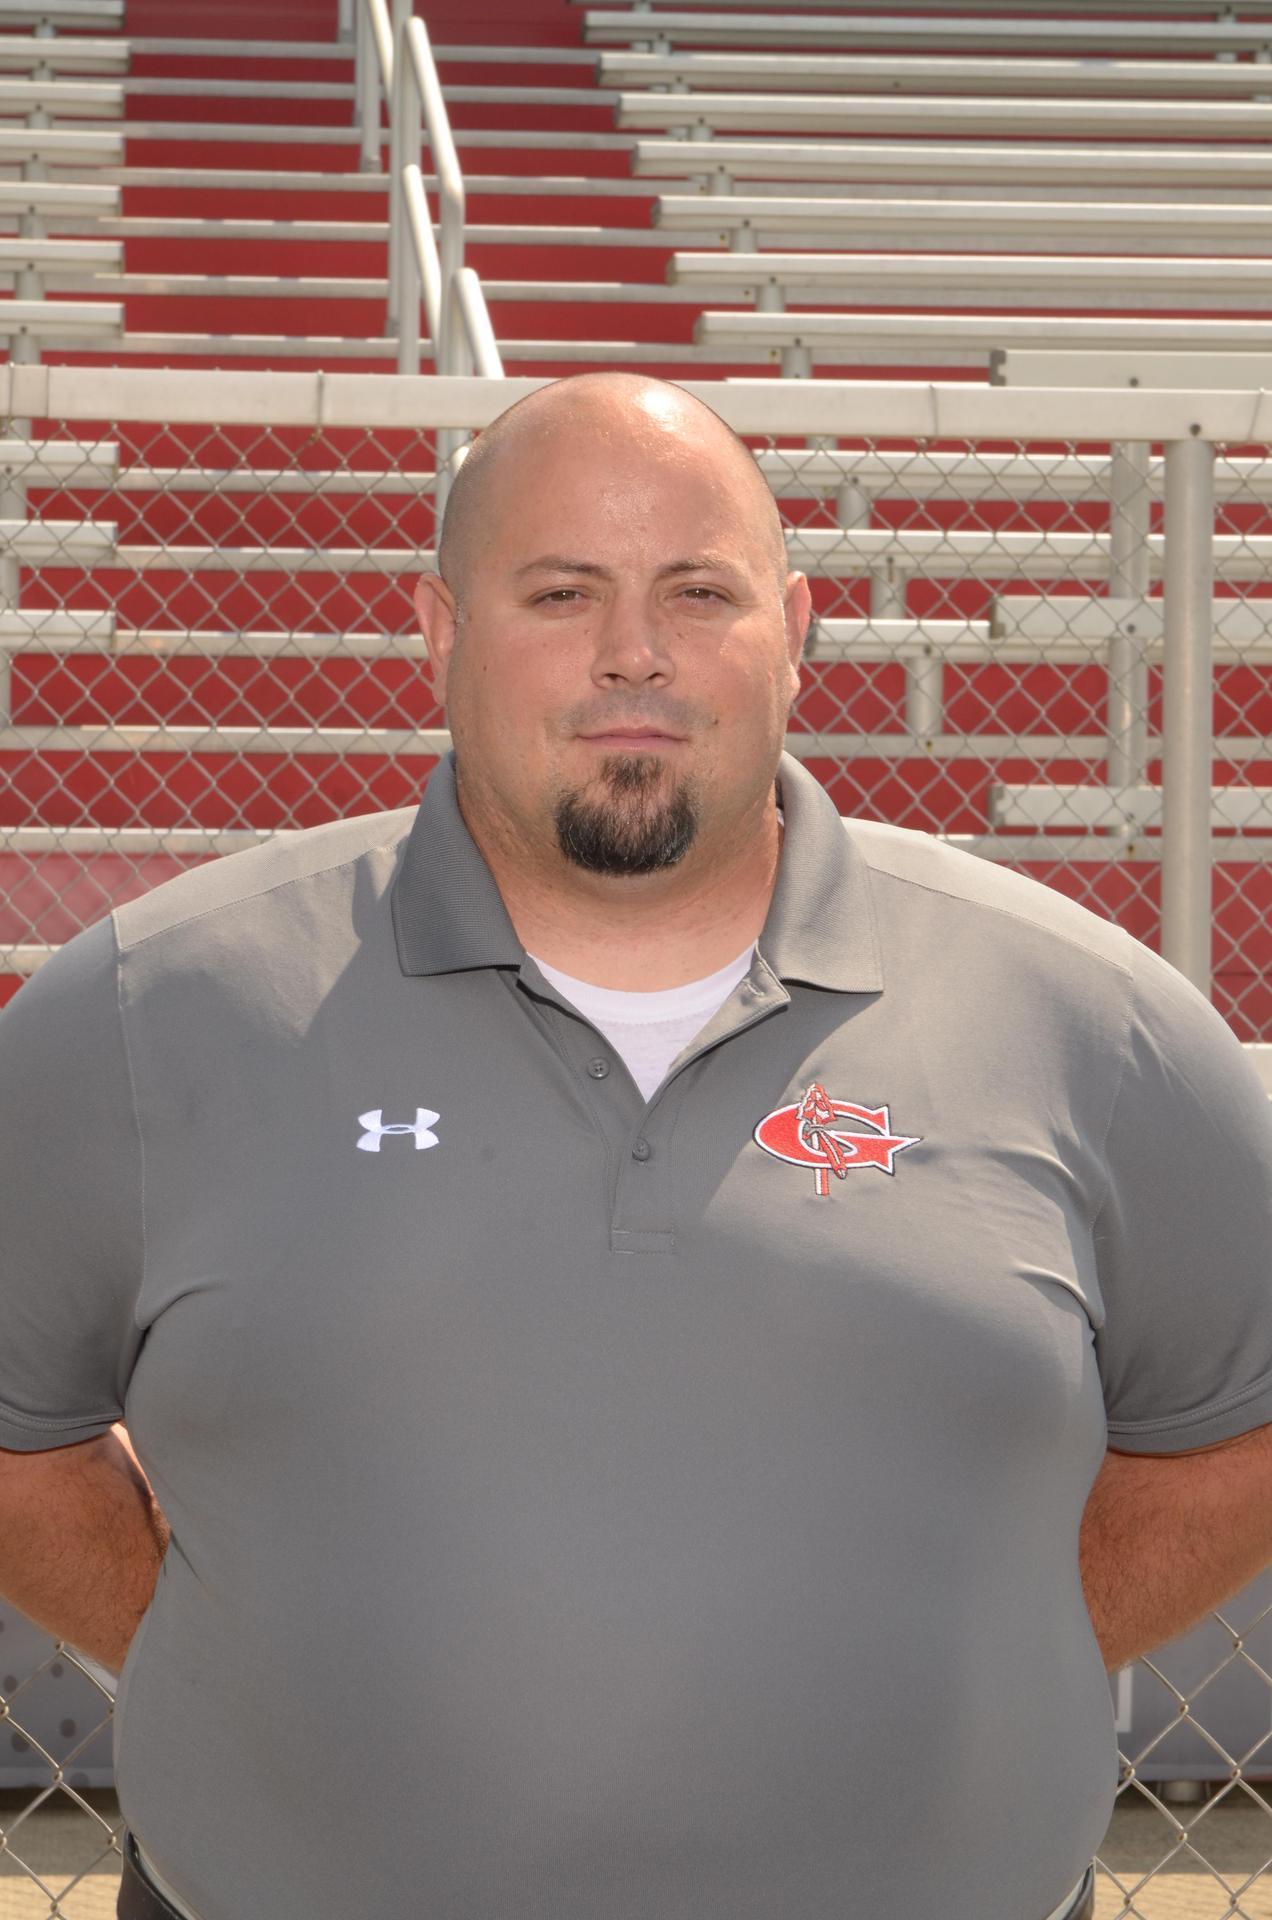 Coach Gulley